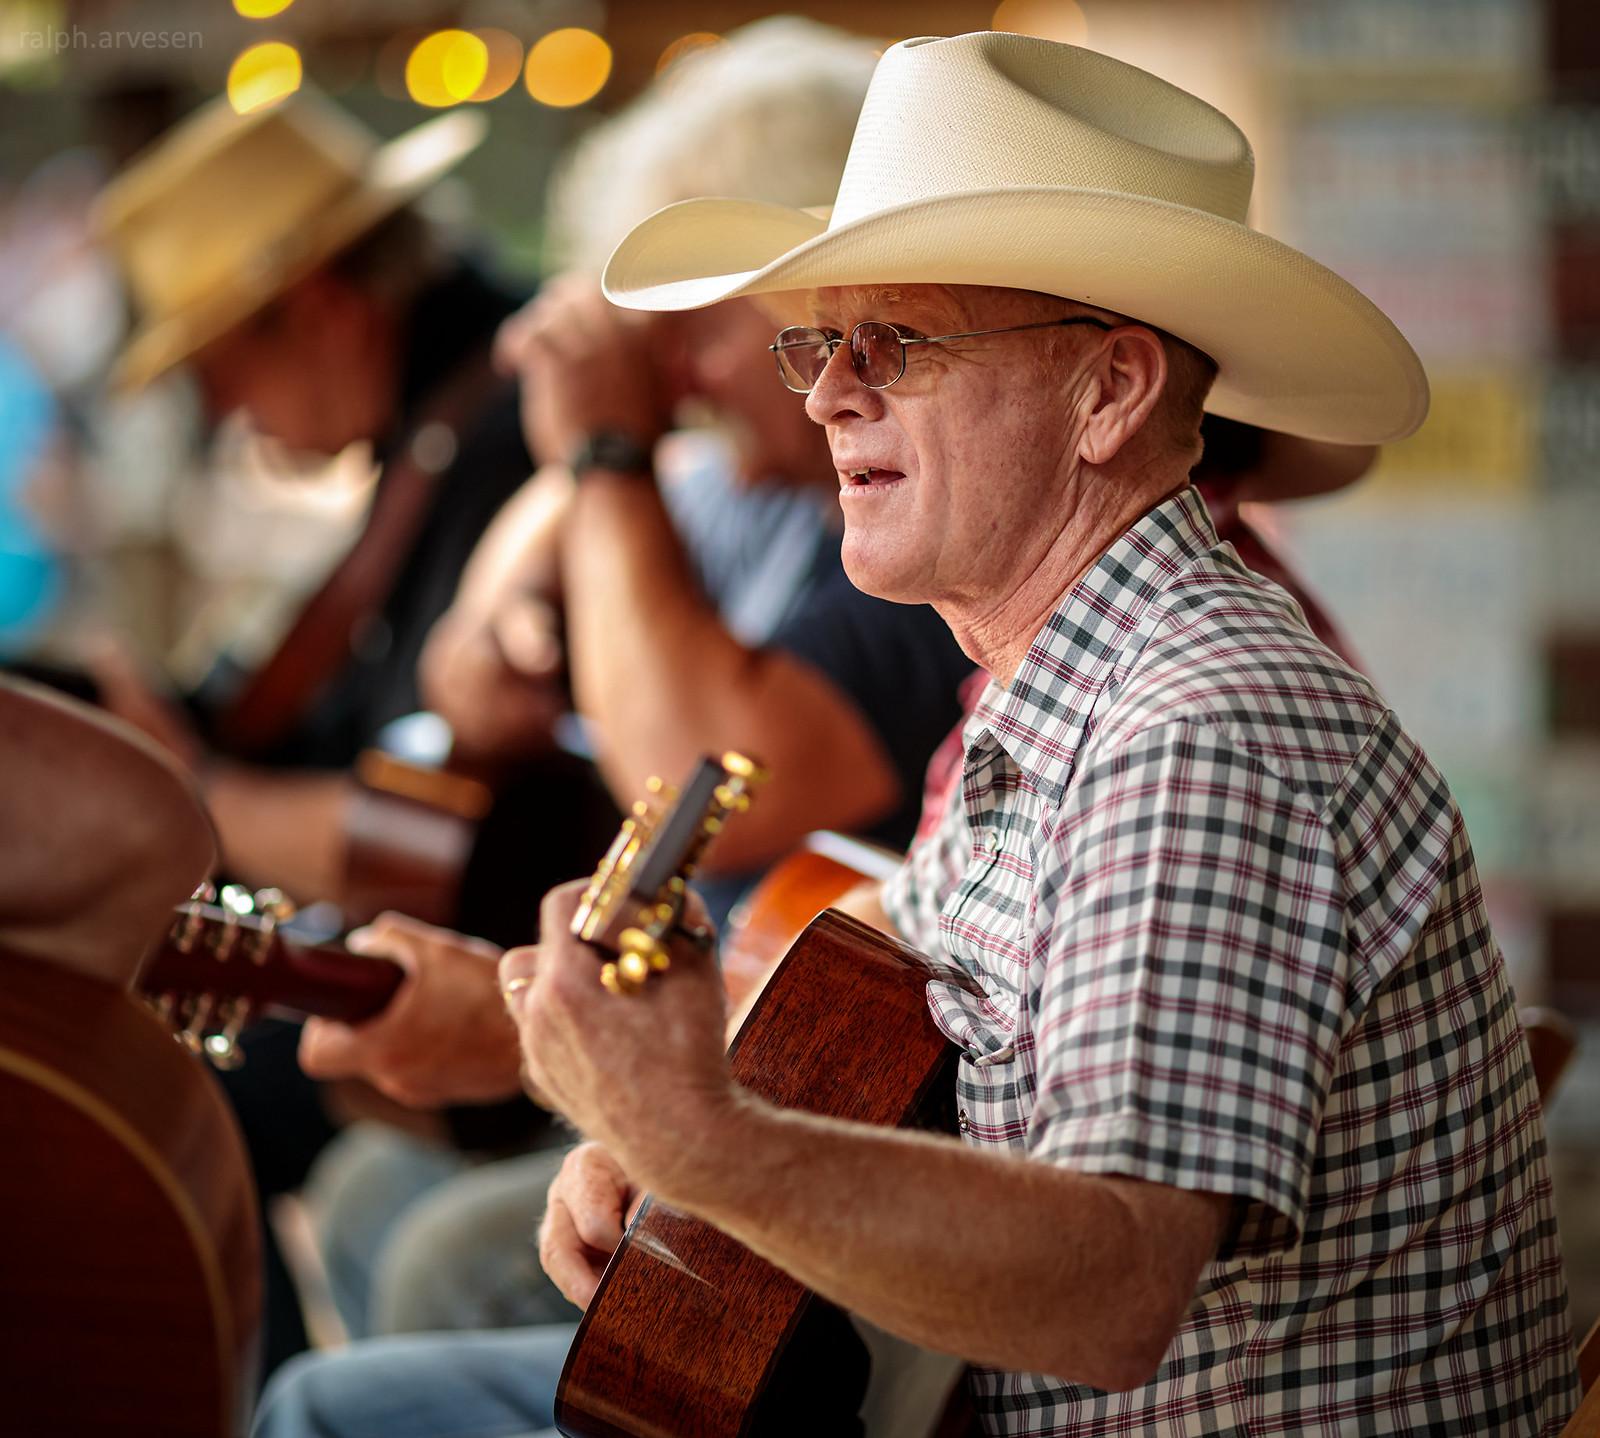 Luckenbach Texas | Texas Review | Ralph Arvesen